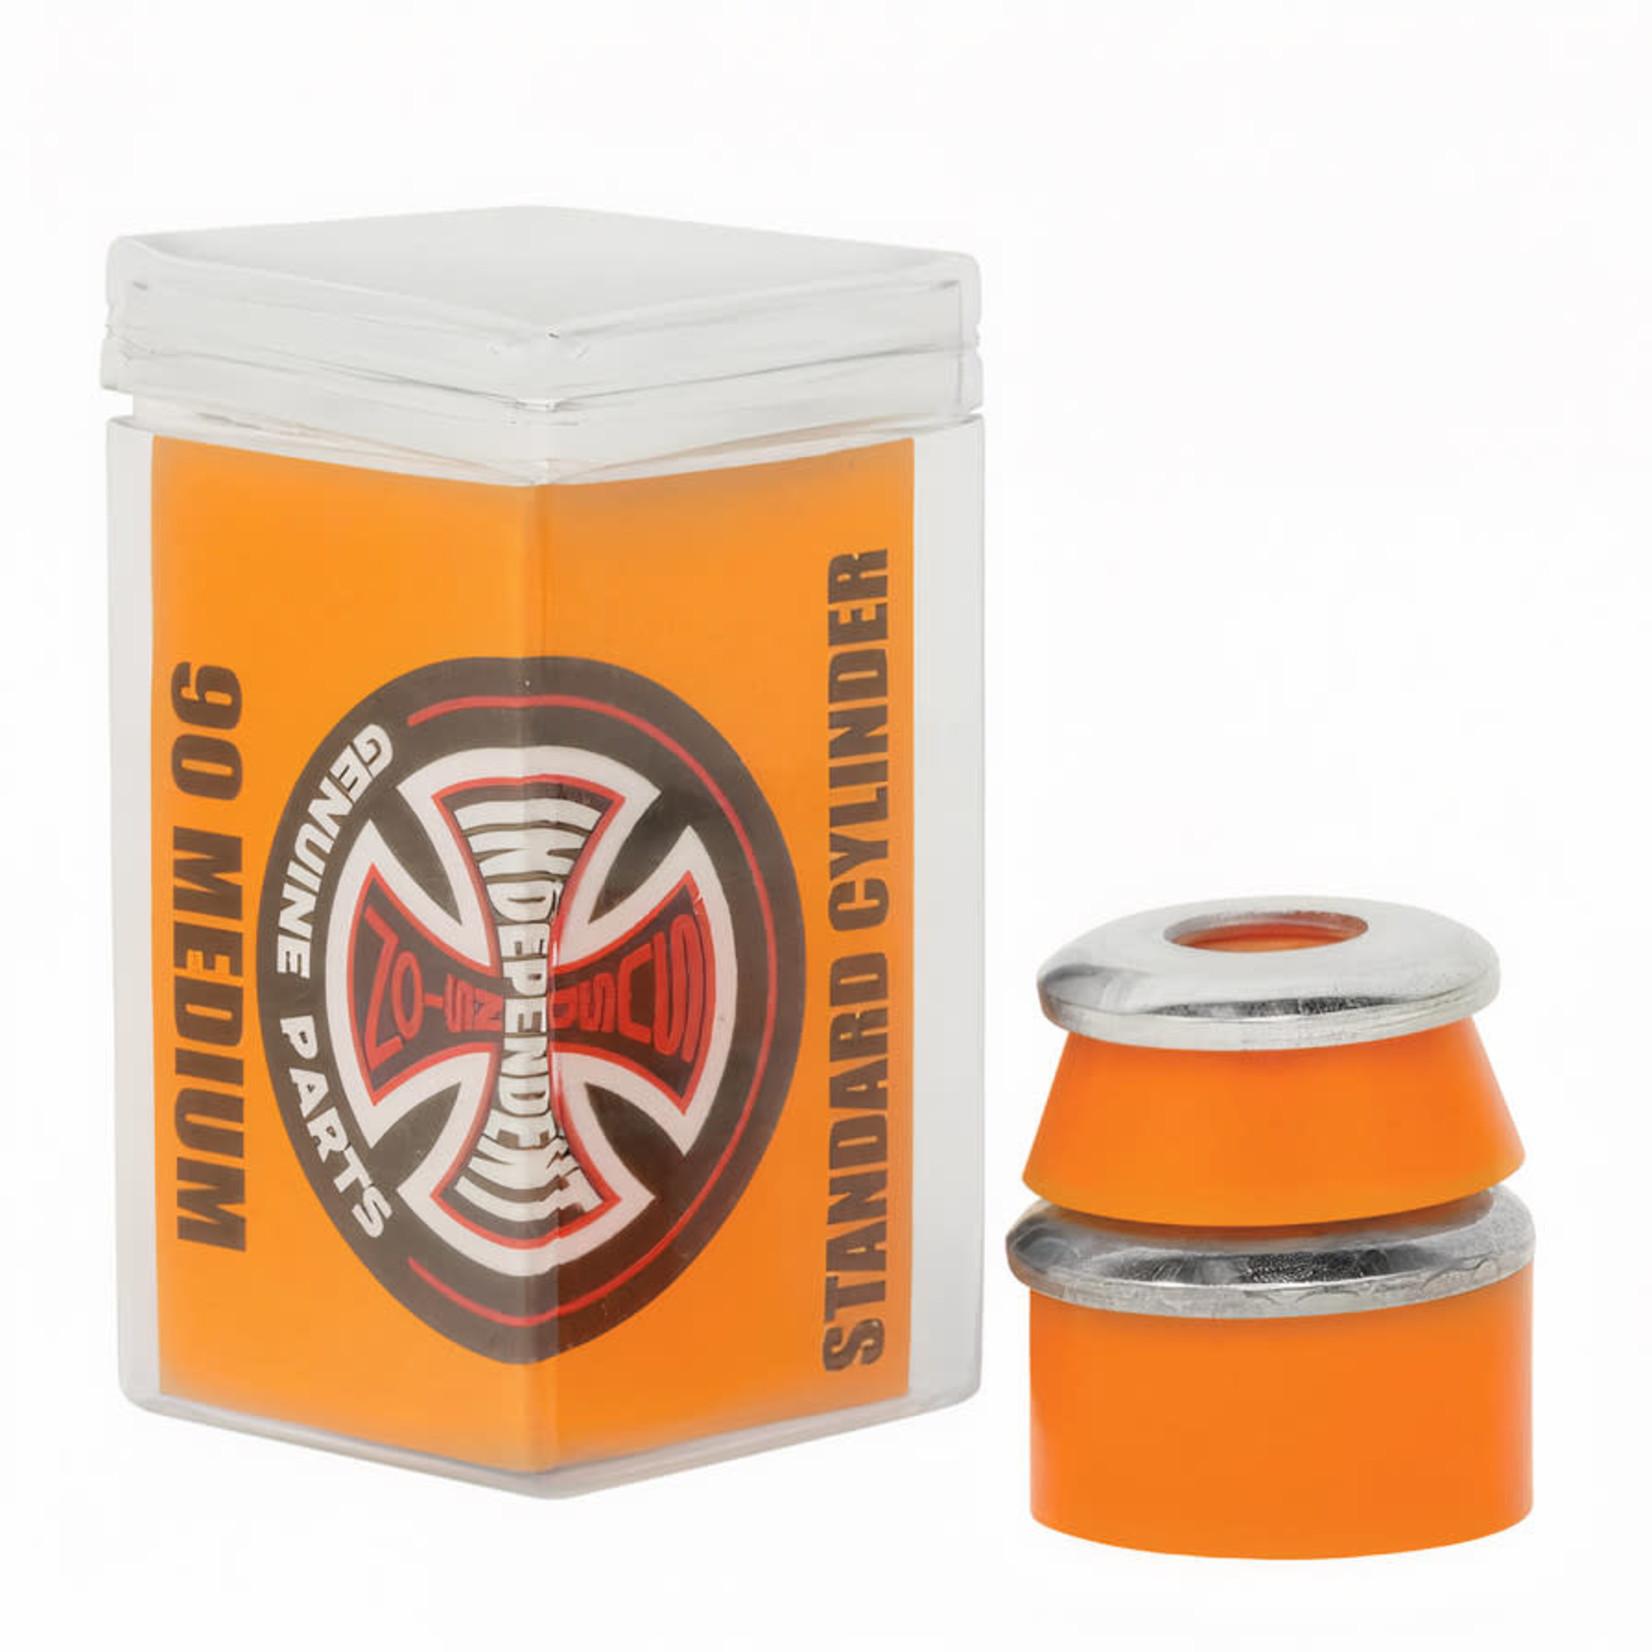 Independent Independent - Standard Cylinder Bushings - Medium Orange 90